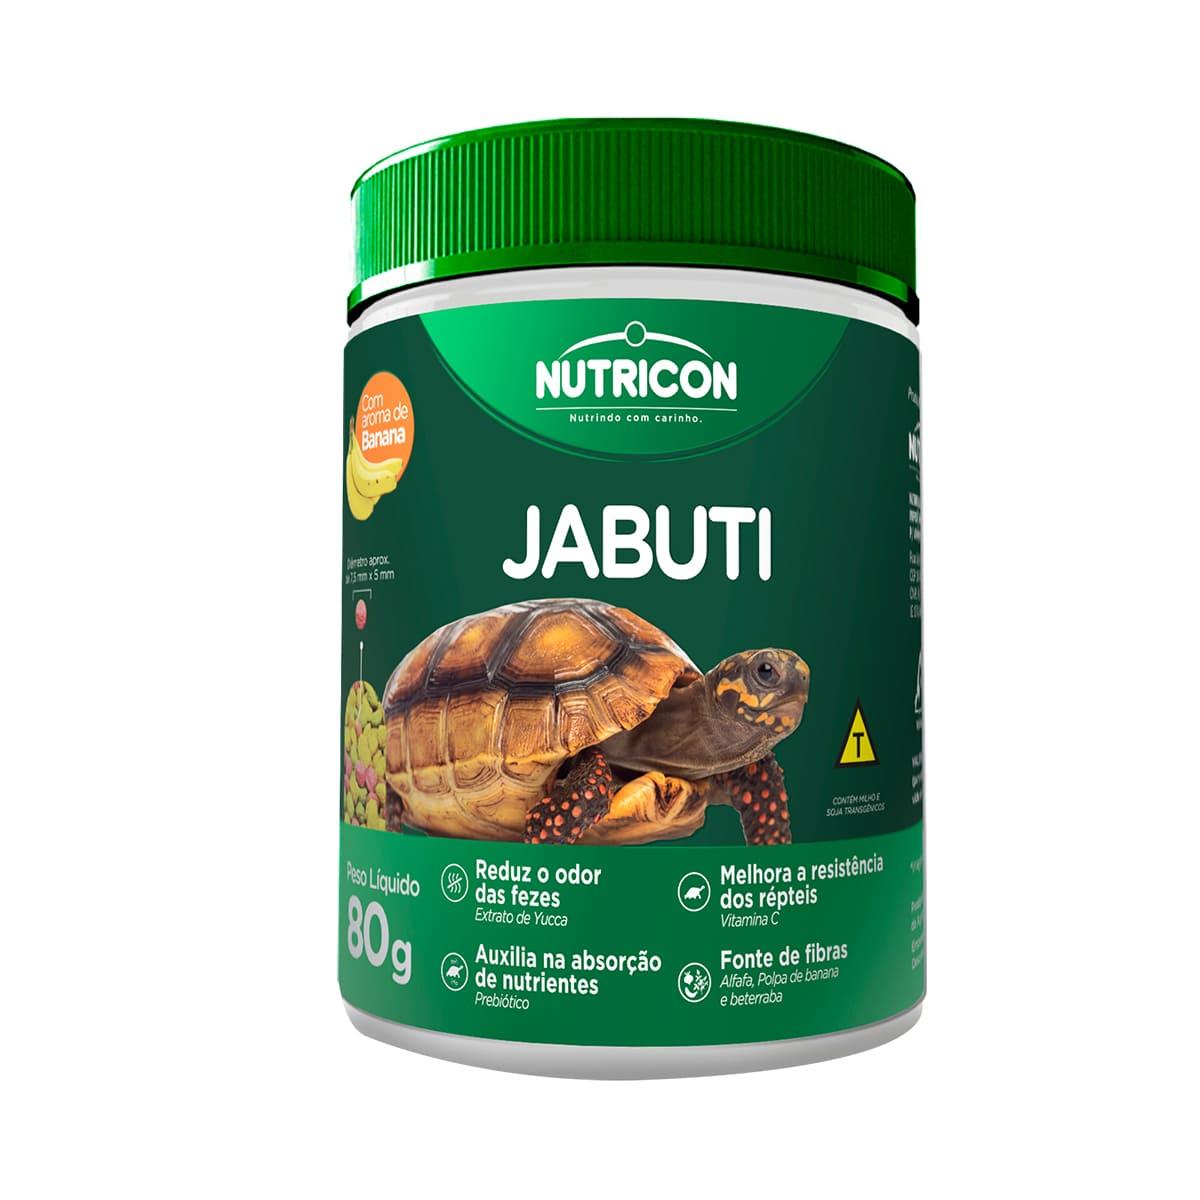 Ração Nutricon Jabuti 80g - Alimento com Aroma de Banana